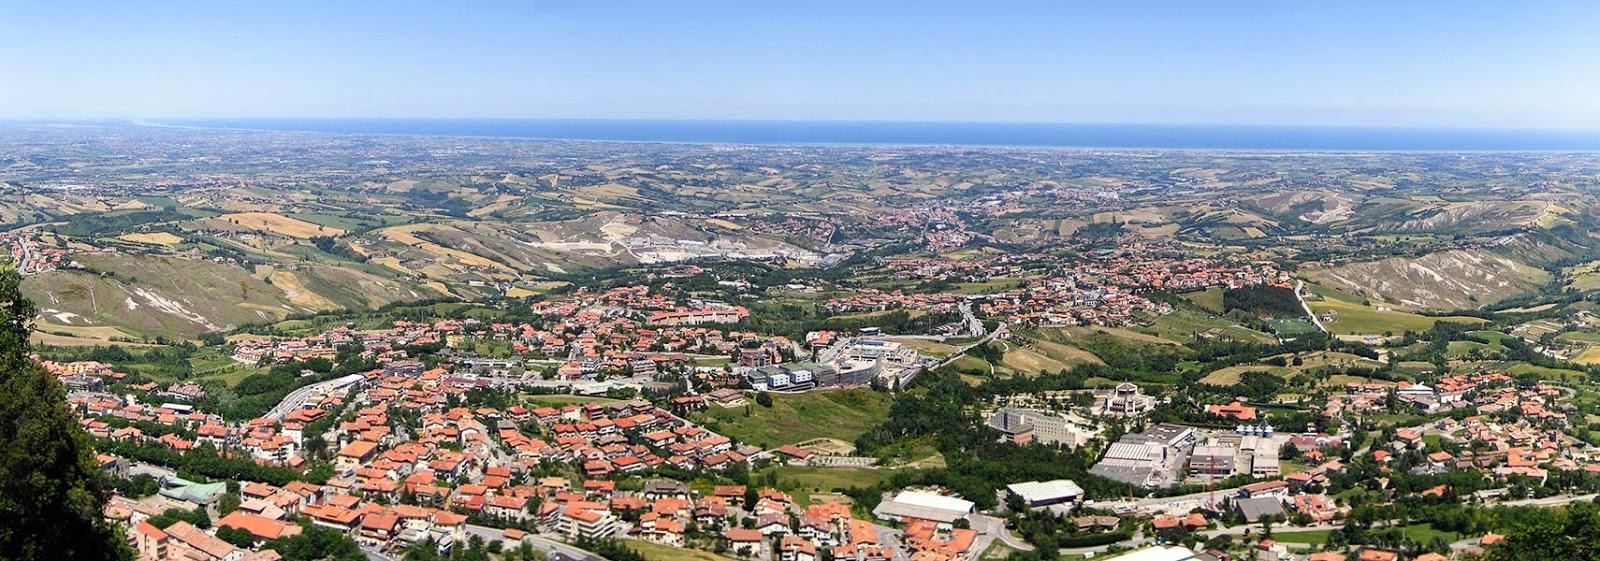 Cidade de San Marino | San Marino